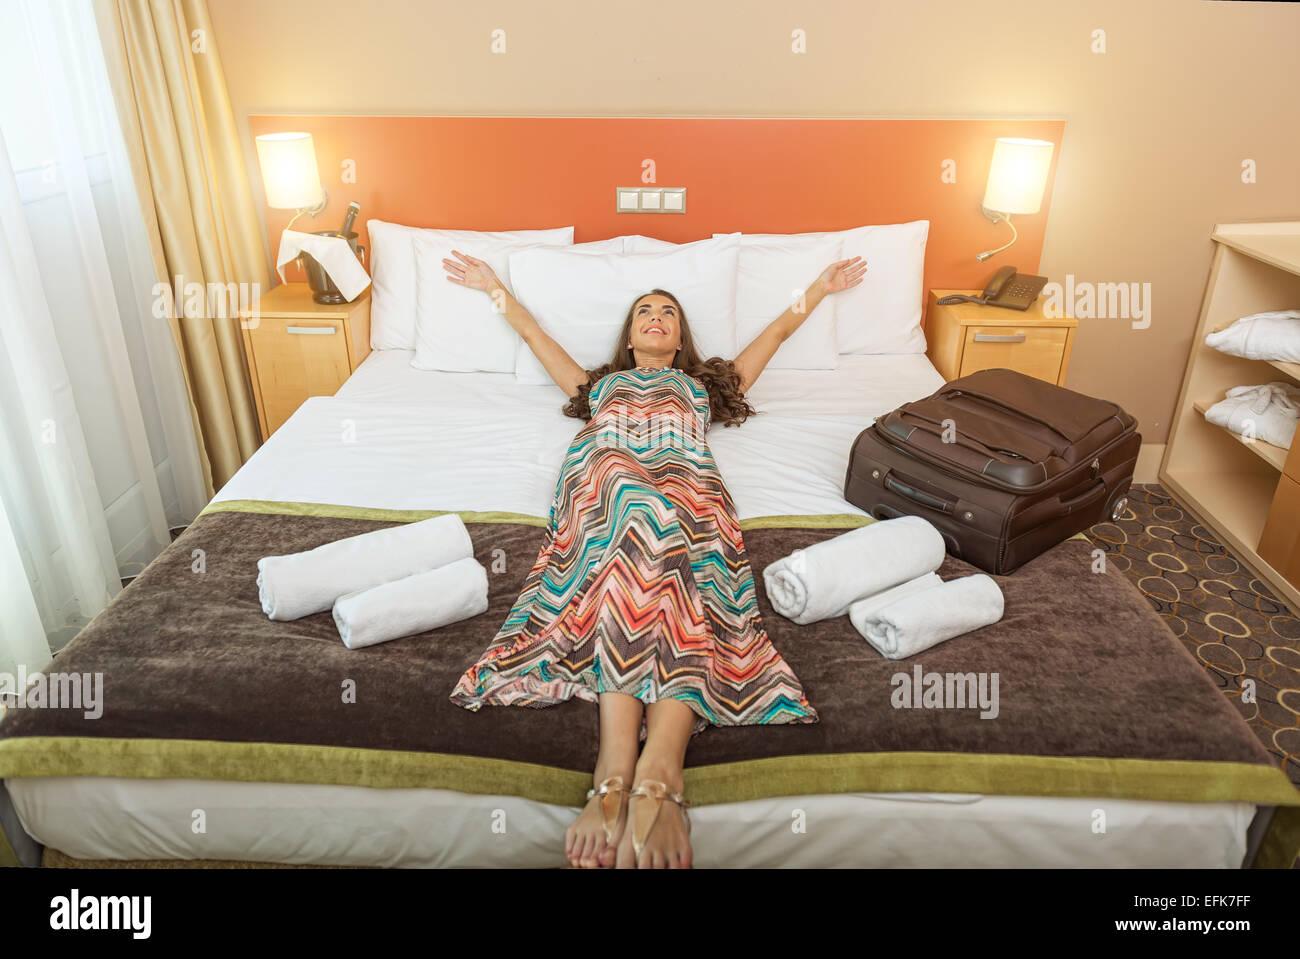 Giovane donna giaceva nel letto di una stanza di un hotel Immagini Stock